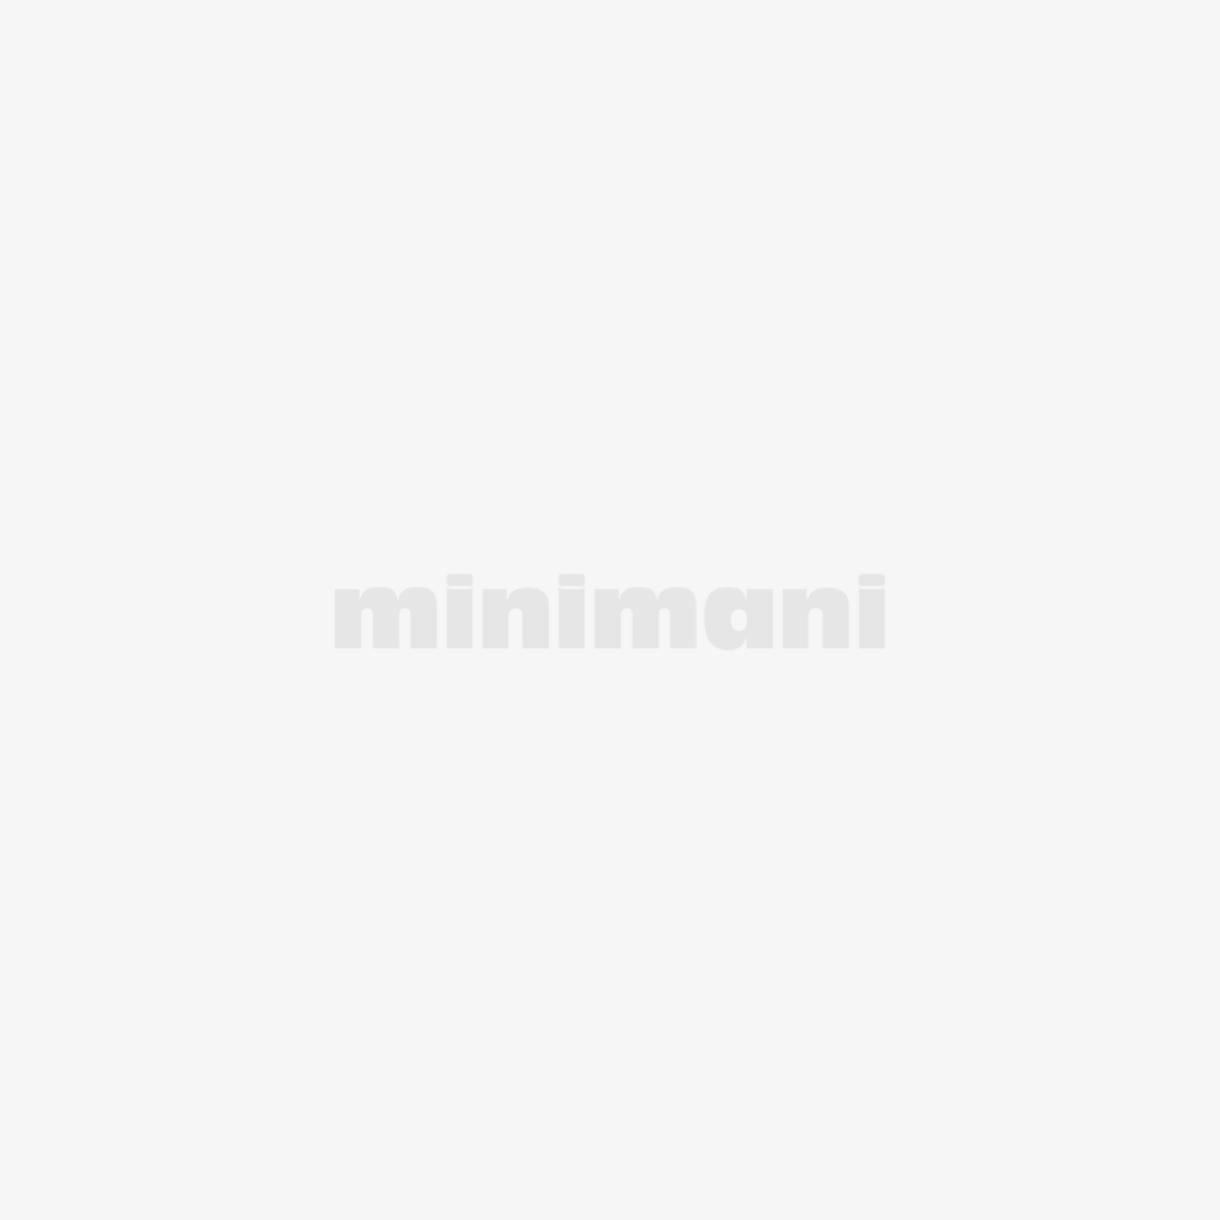 SIKAFLEX -11FC LIIMATIIVISTE MUSTA